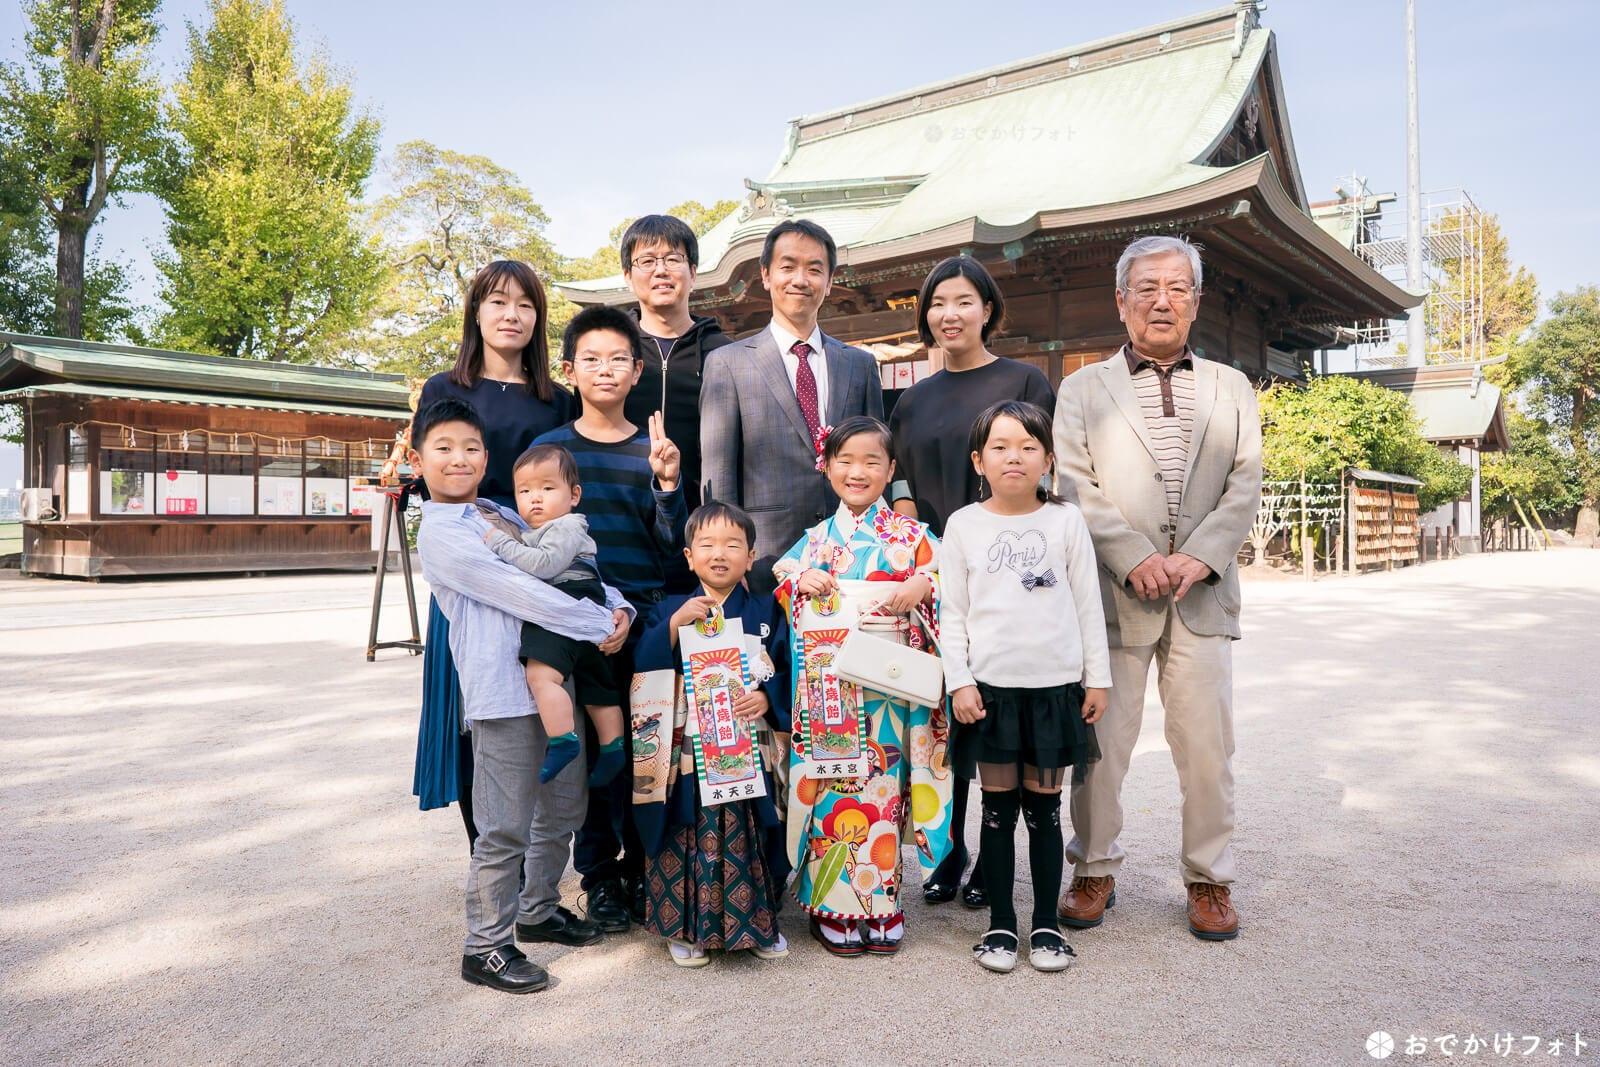 水天宮 七五三やお宮参りで人気の久留米の神社